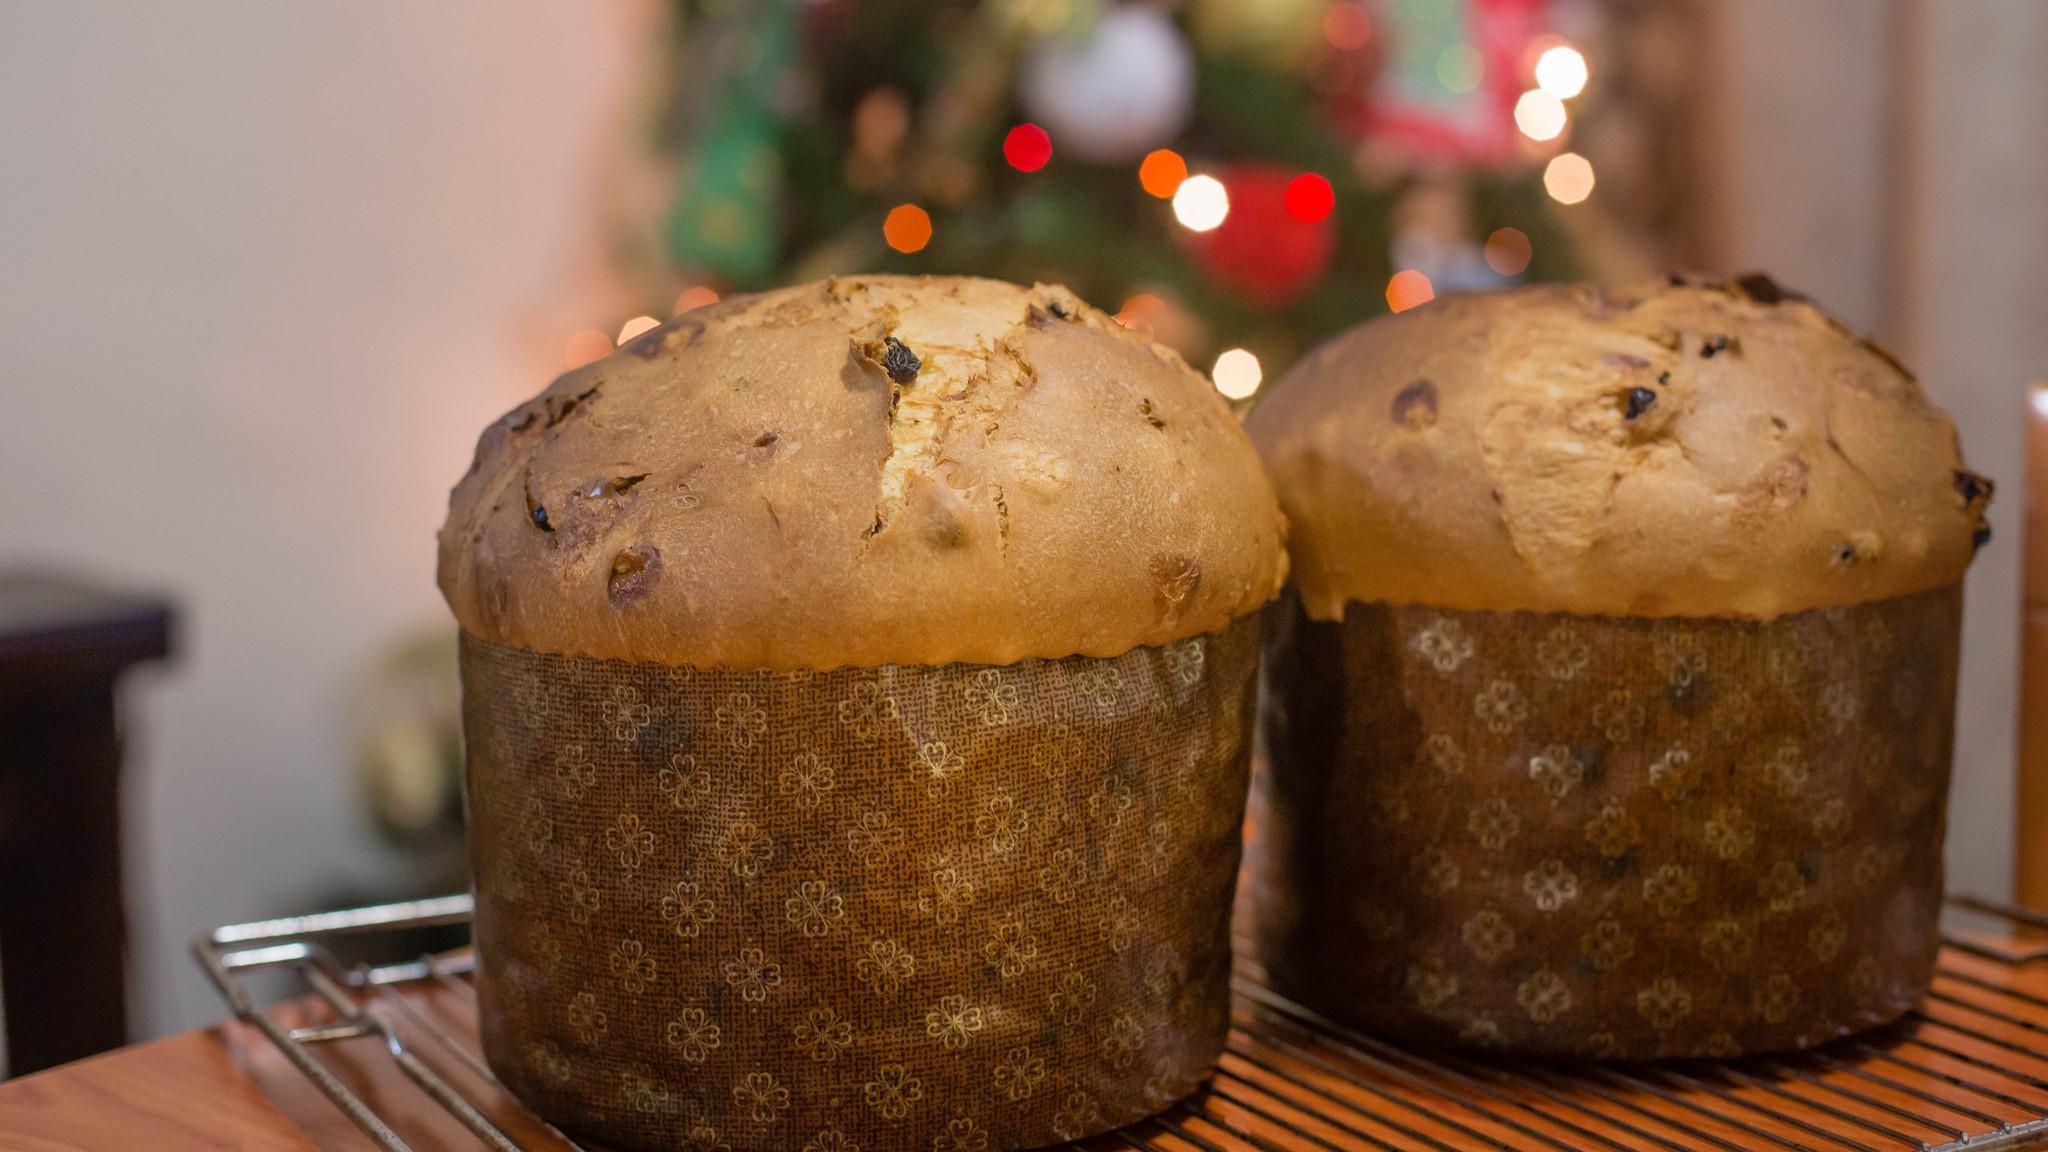 Receita de panetone fit para aproveitar as festas e manter alimentação saudável (Foto: Divulgação)